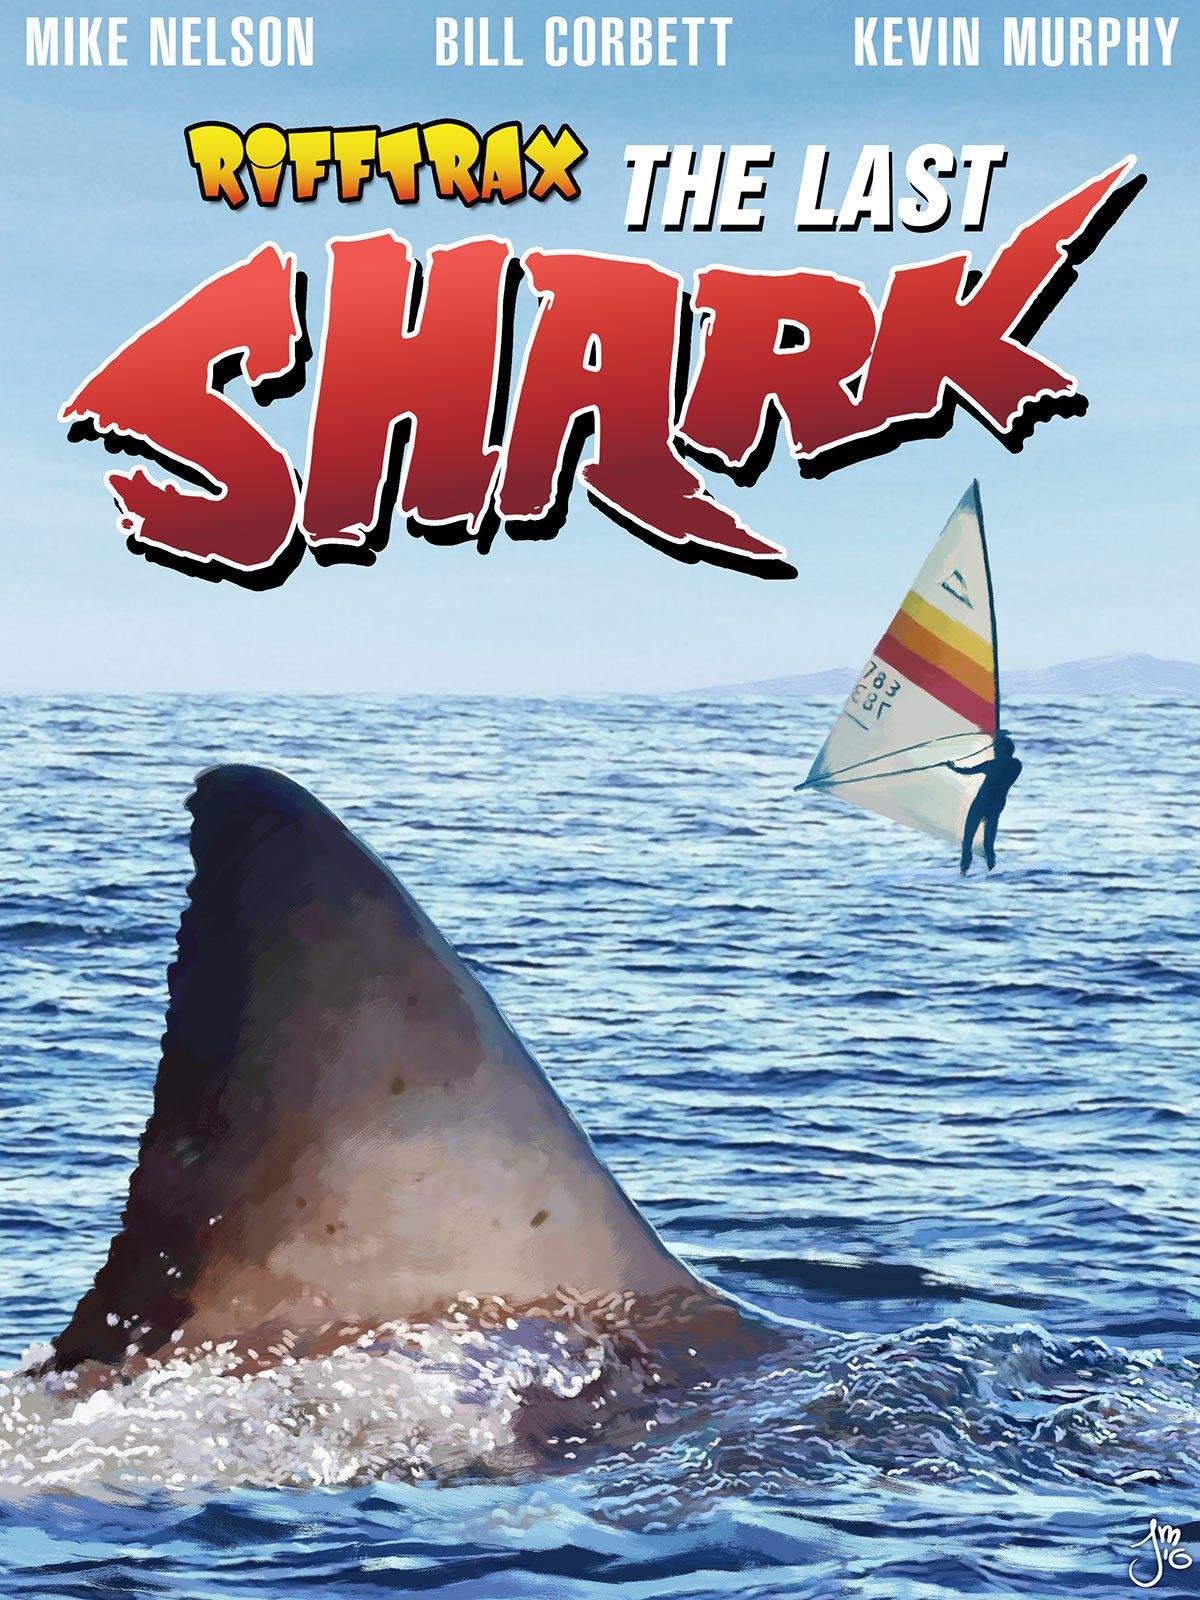 RiffTrax: The Last Shark